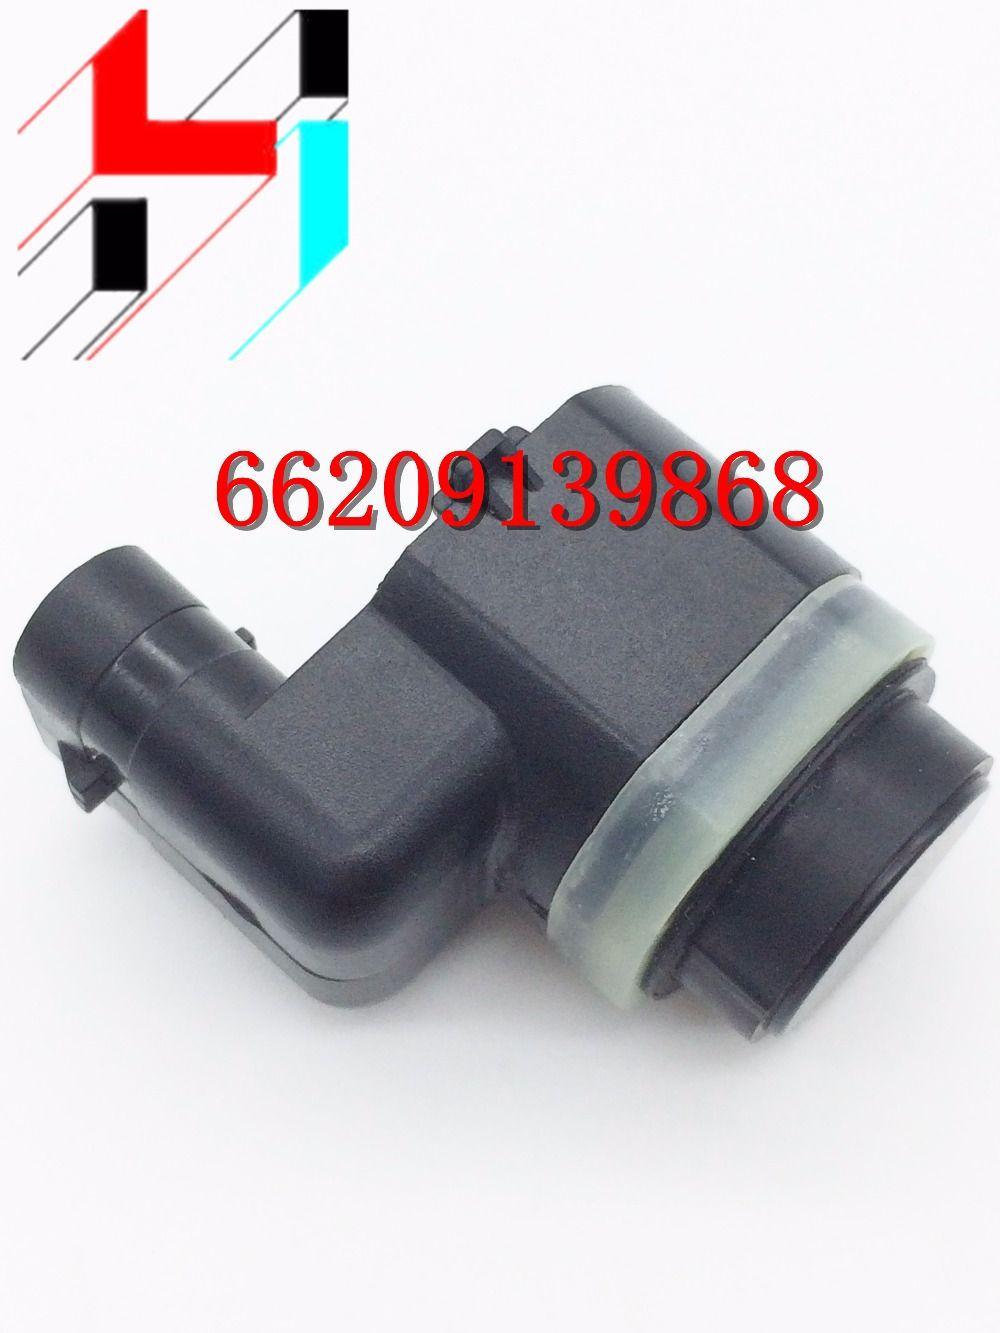 (4pcs) Parking PDC Reverse Sensor For 5er E60 E61 X3 X5 X6 E83 E70 E71 66209231287 66209139868 66209233037 9231287 9139868